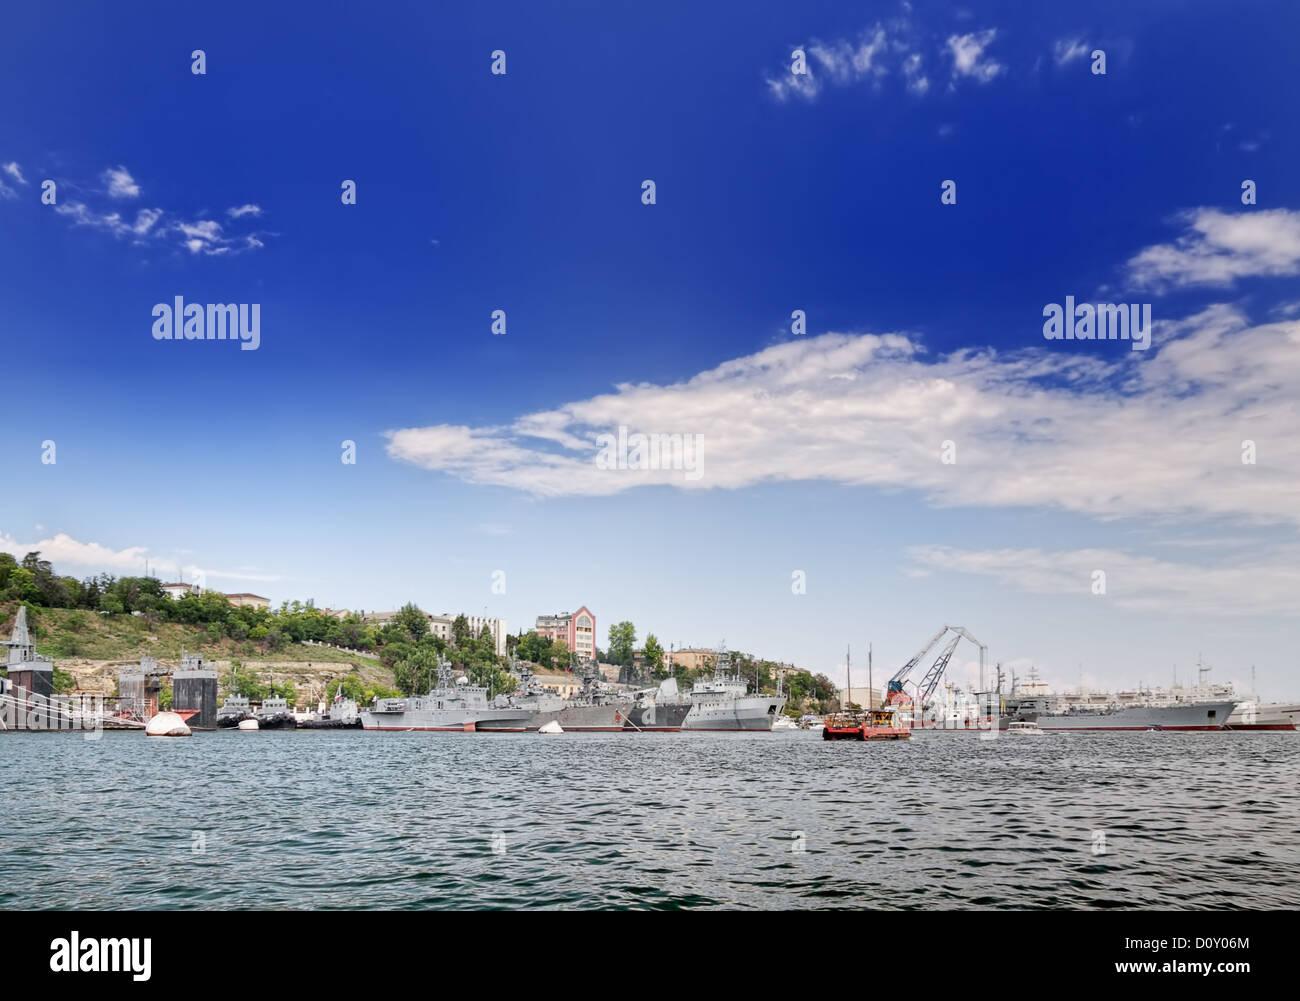 Battleships parked in Sevastopol - Stock Image